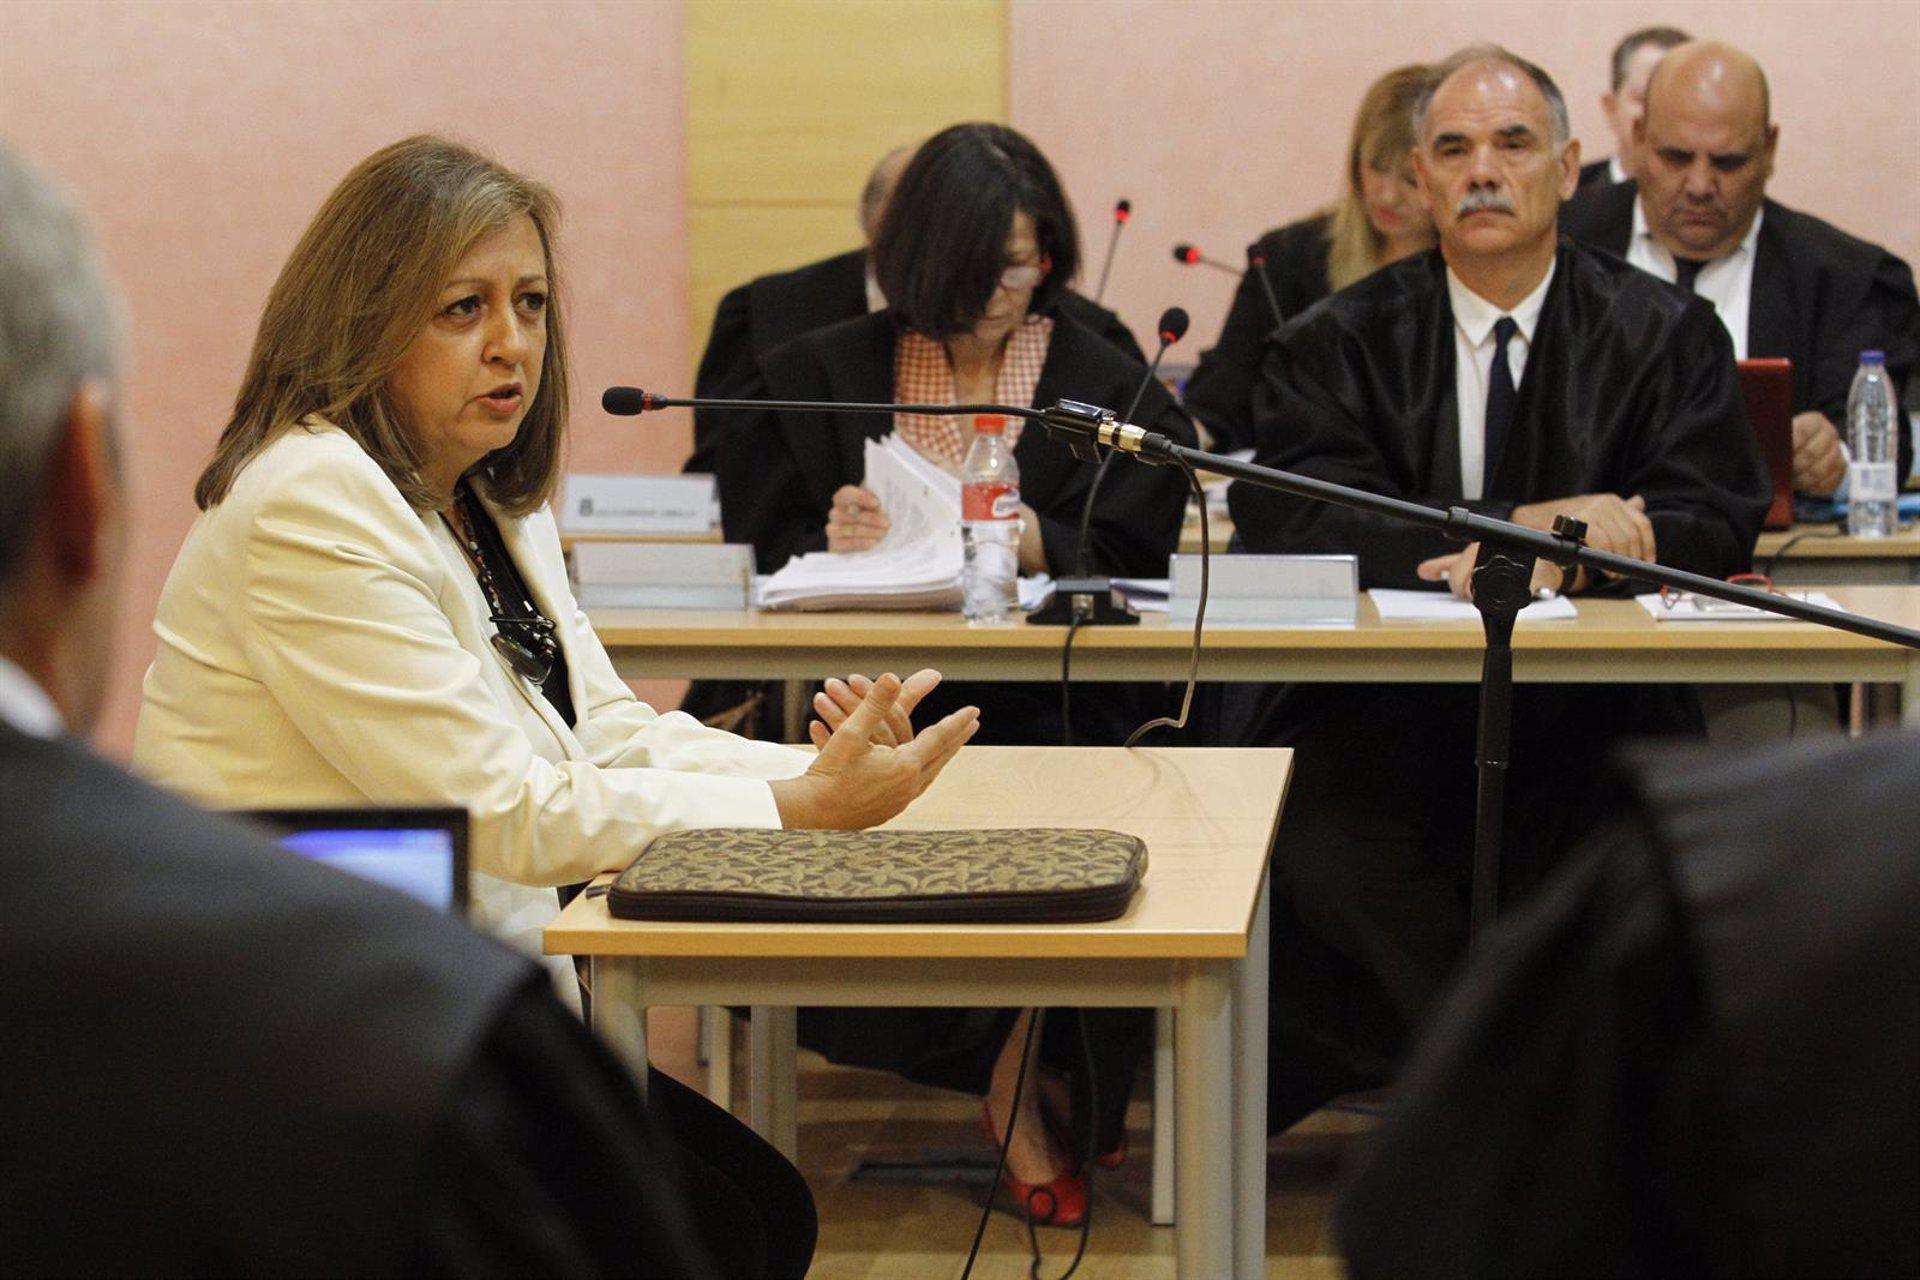 El juicio contra la excúpula de la Alhambra por el caso audioguías se celebrará en enero de 2023